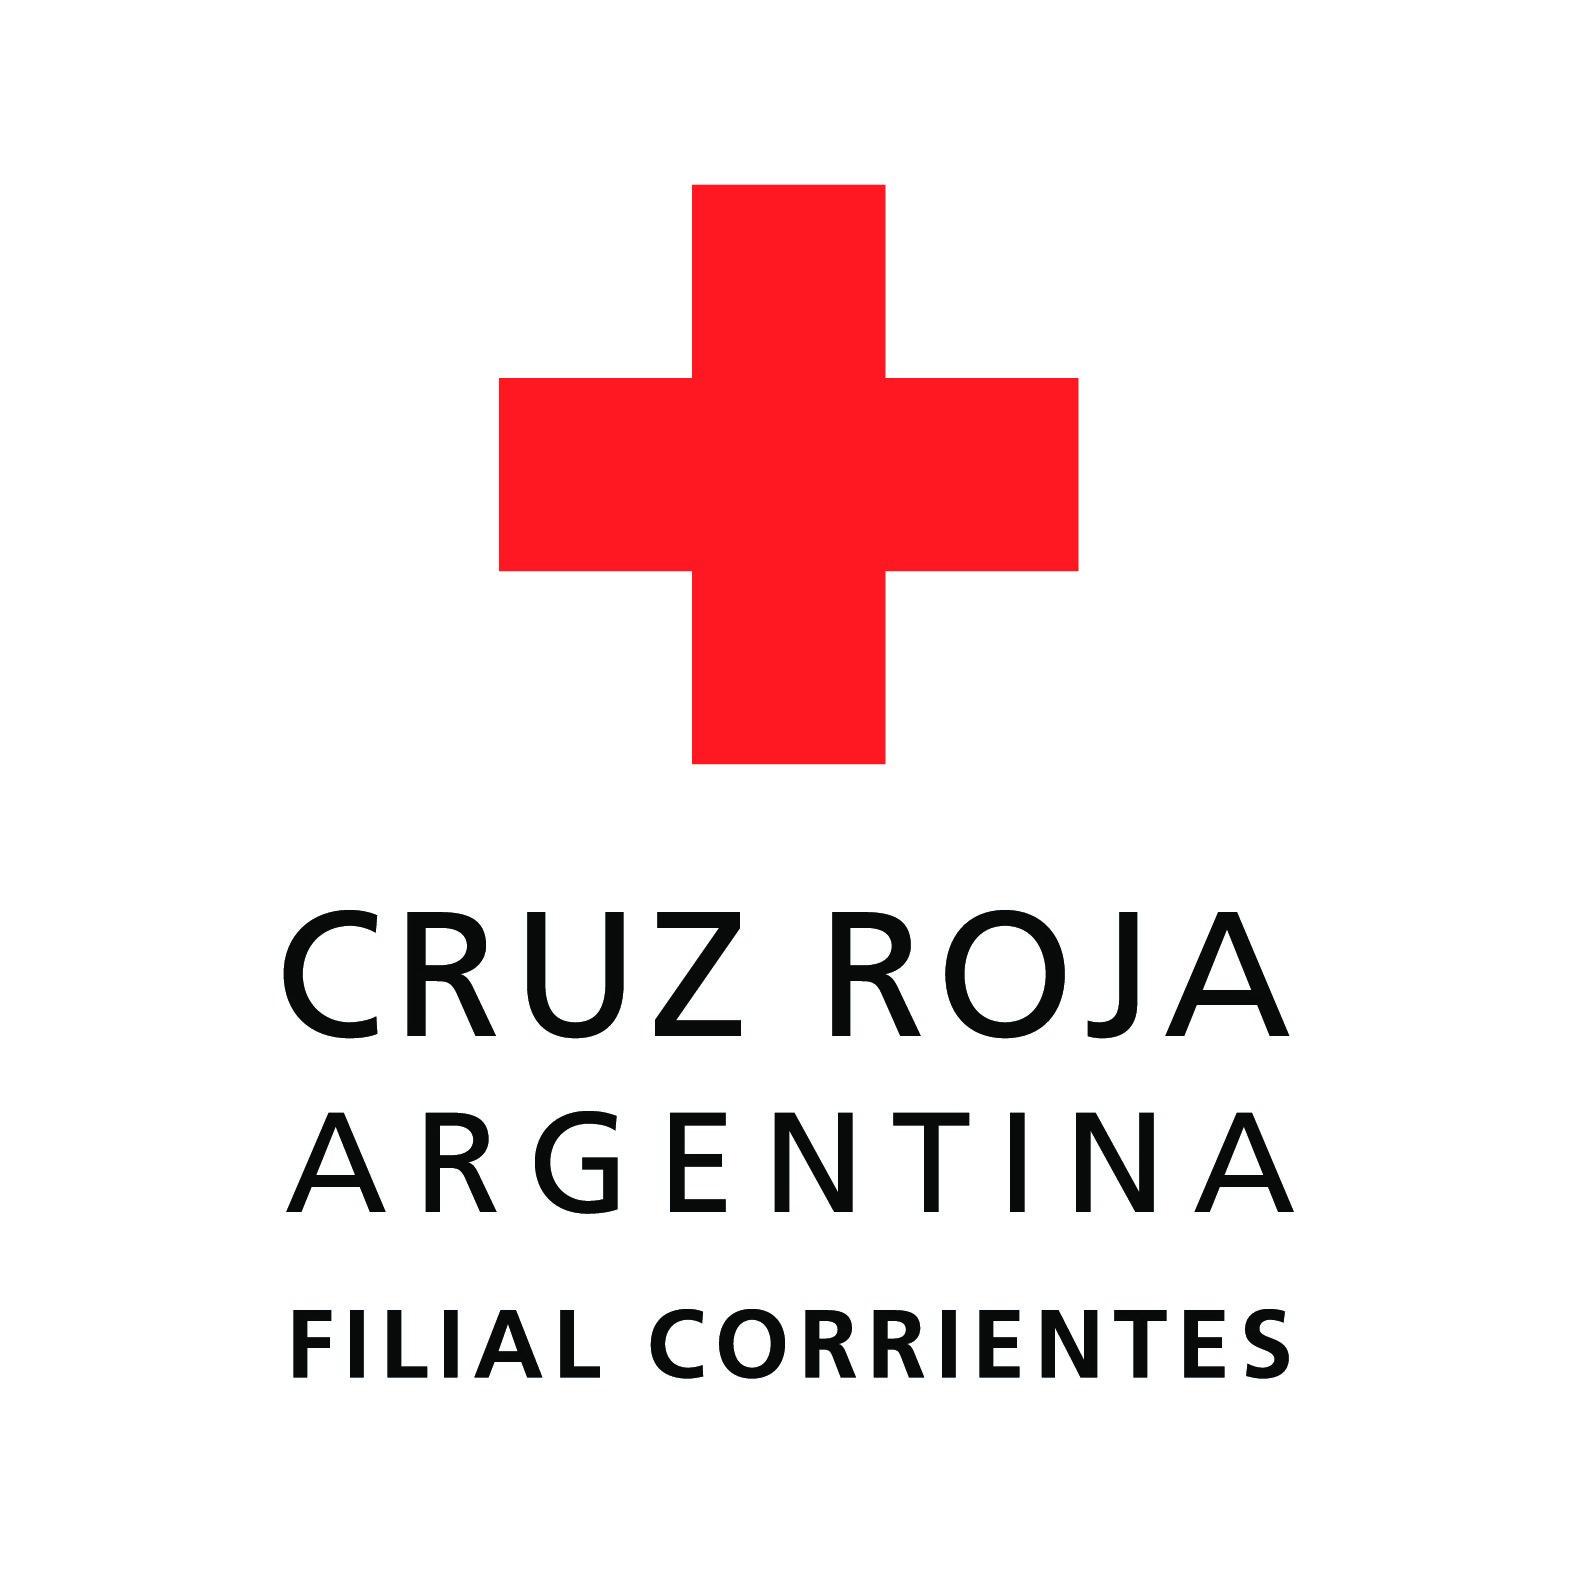 Comunicado de Prensa de la Cruz Roja Argentina Filial Corrientes